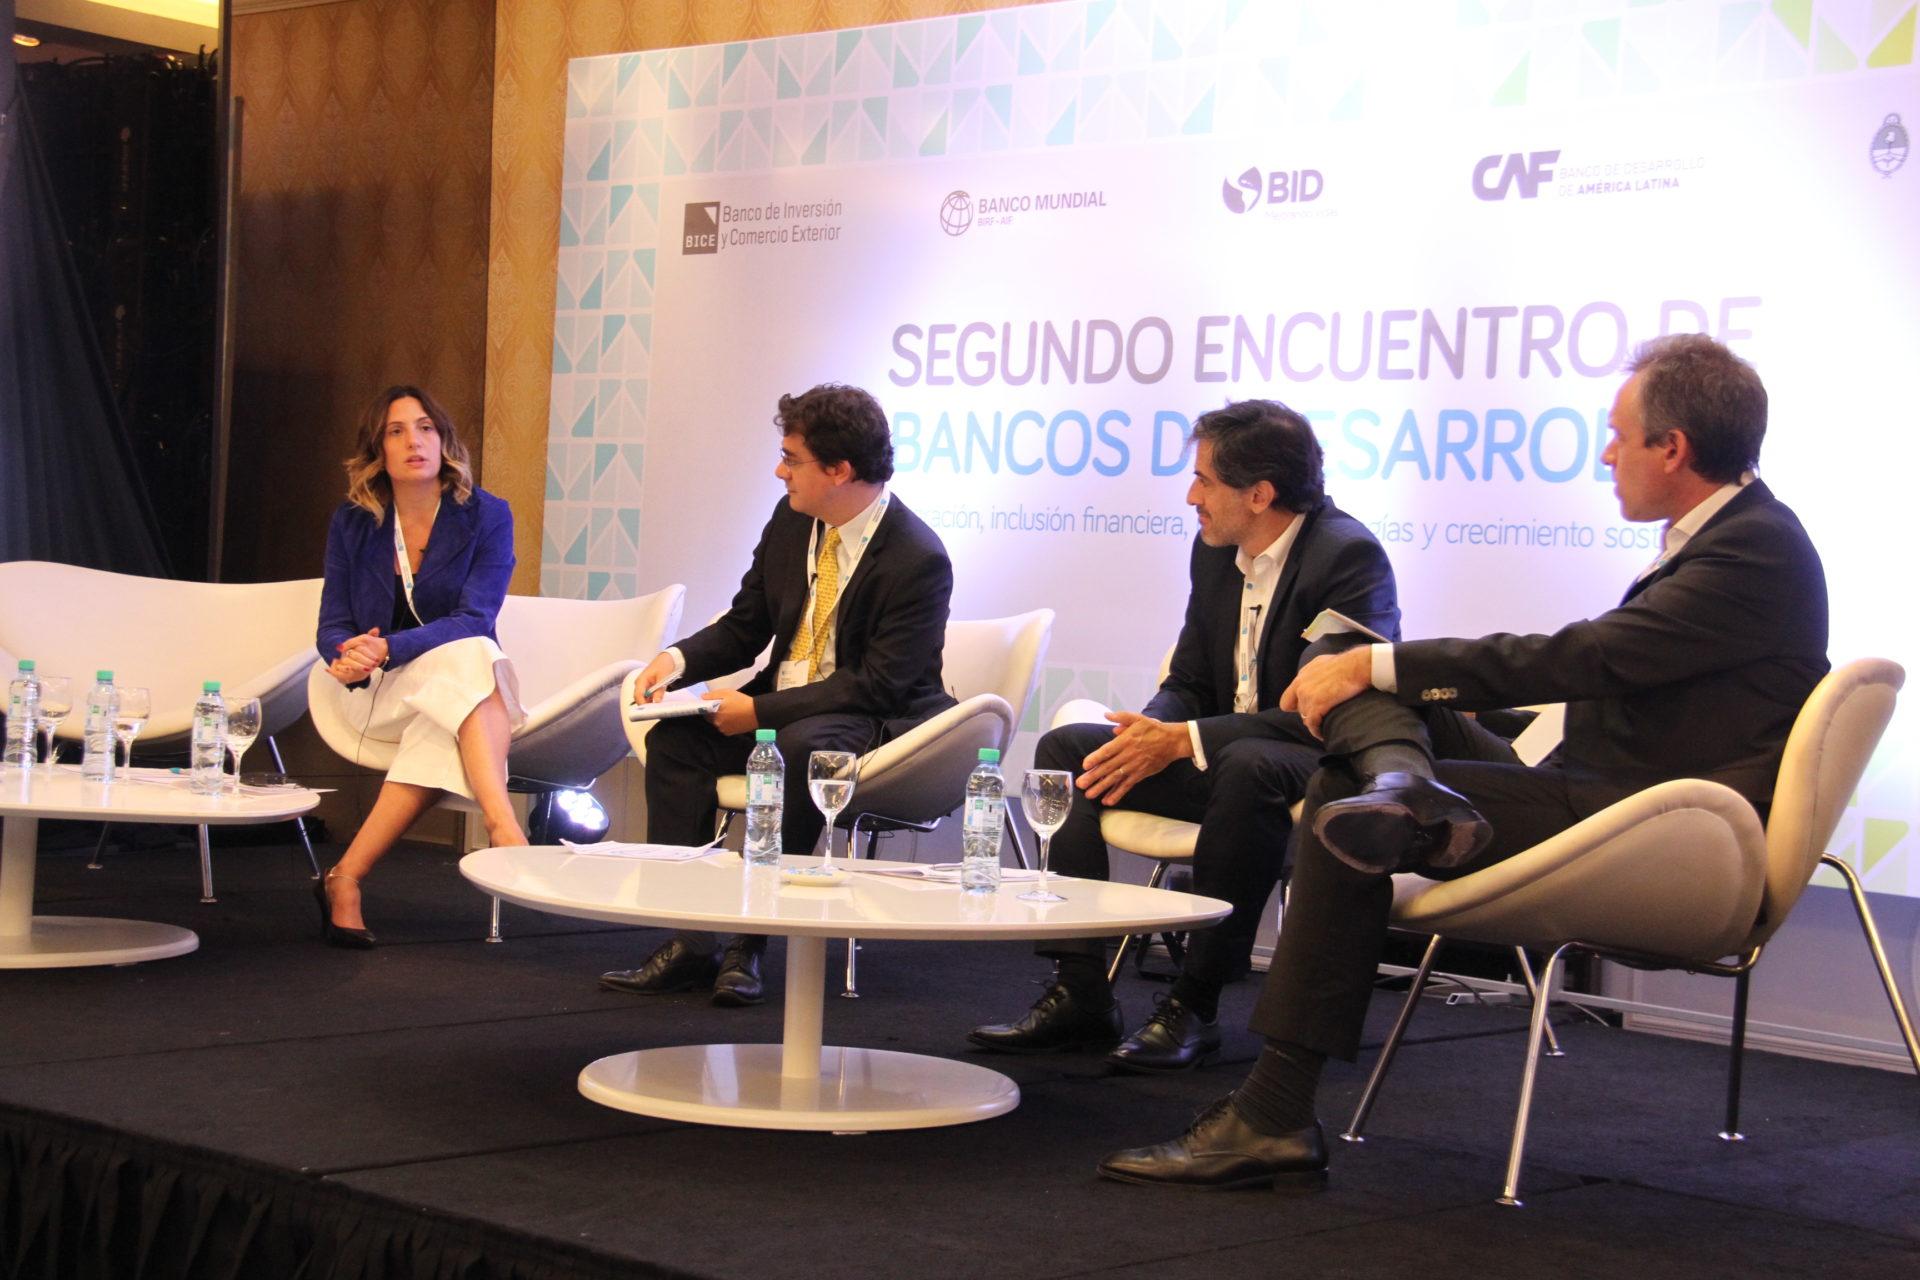 Expone Carina Allendes, Executive Director Global Trade & International Banking en BBVA,